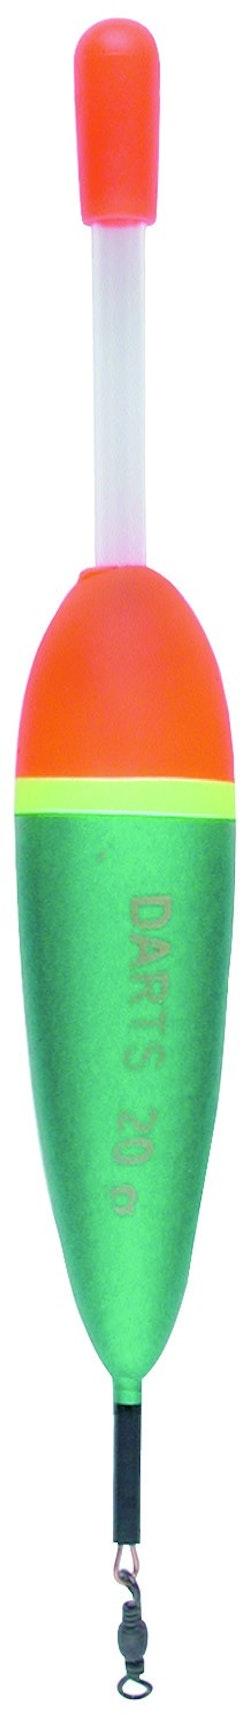 Darts lightstick-flöte